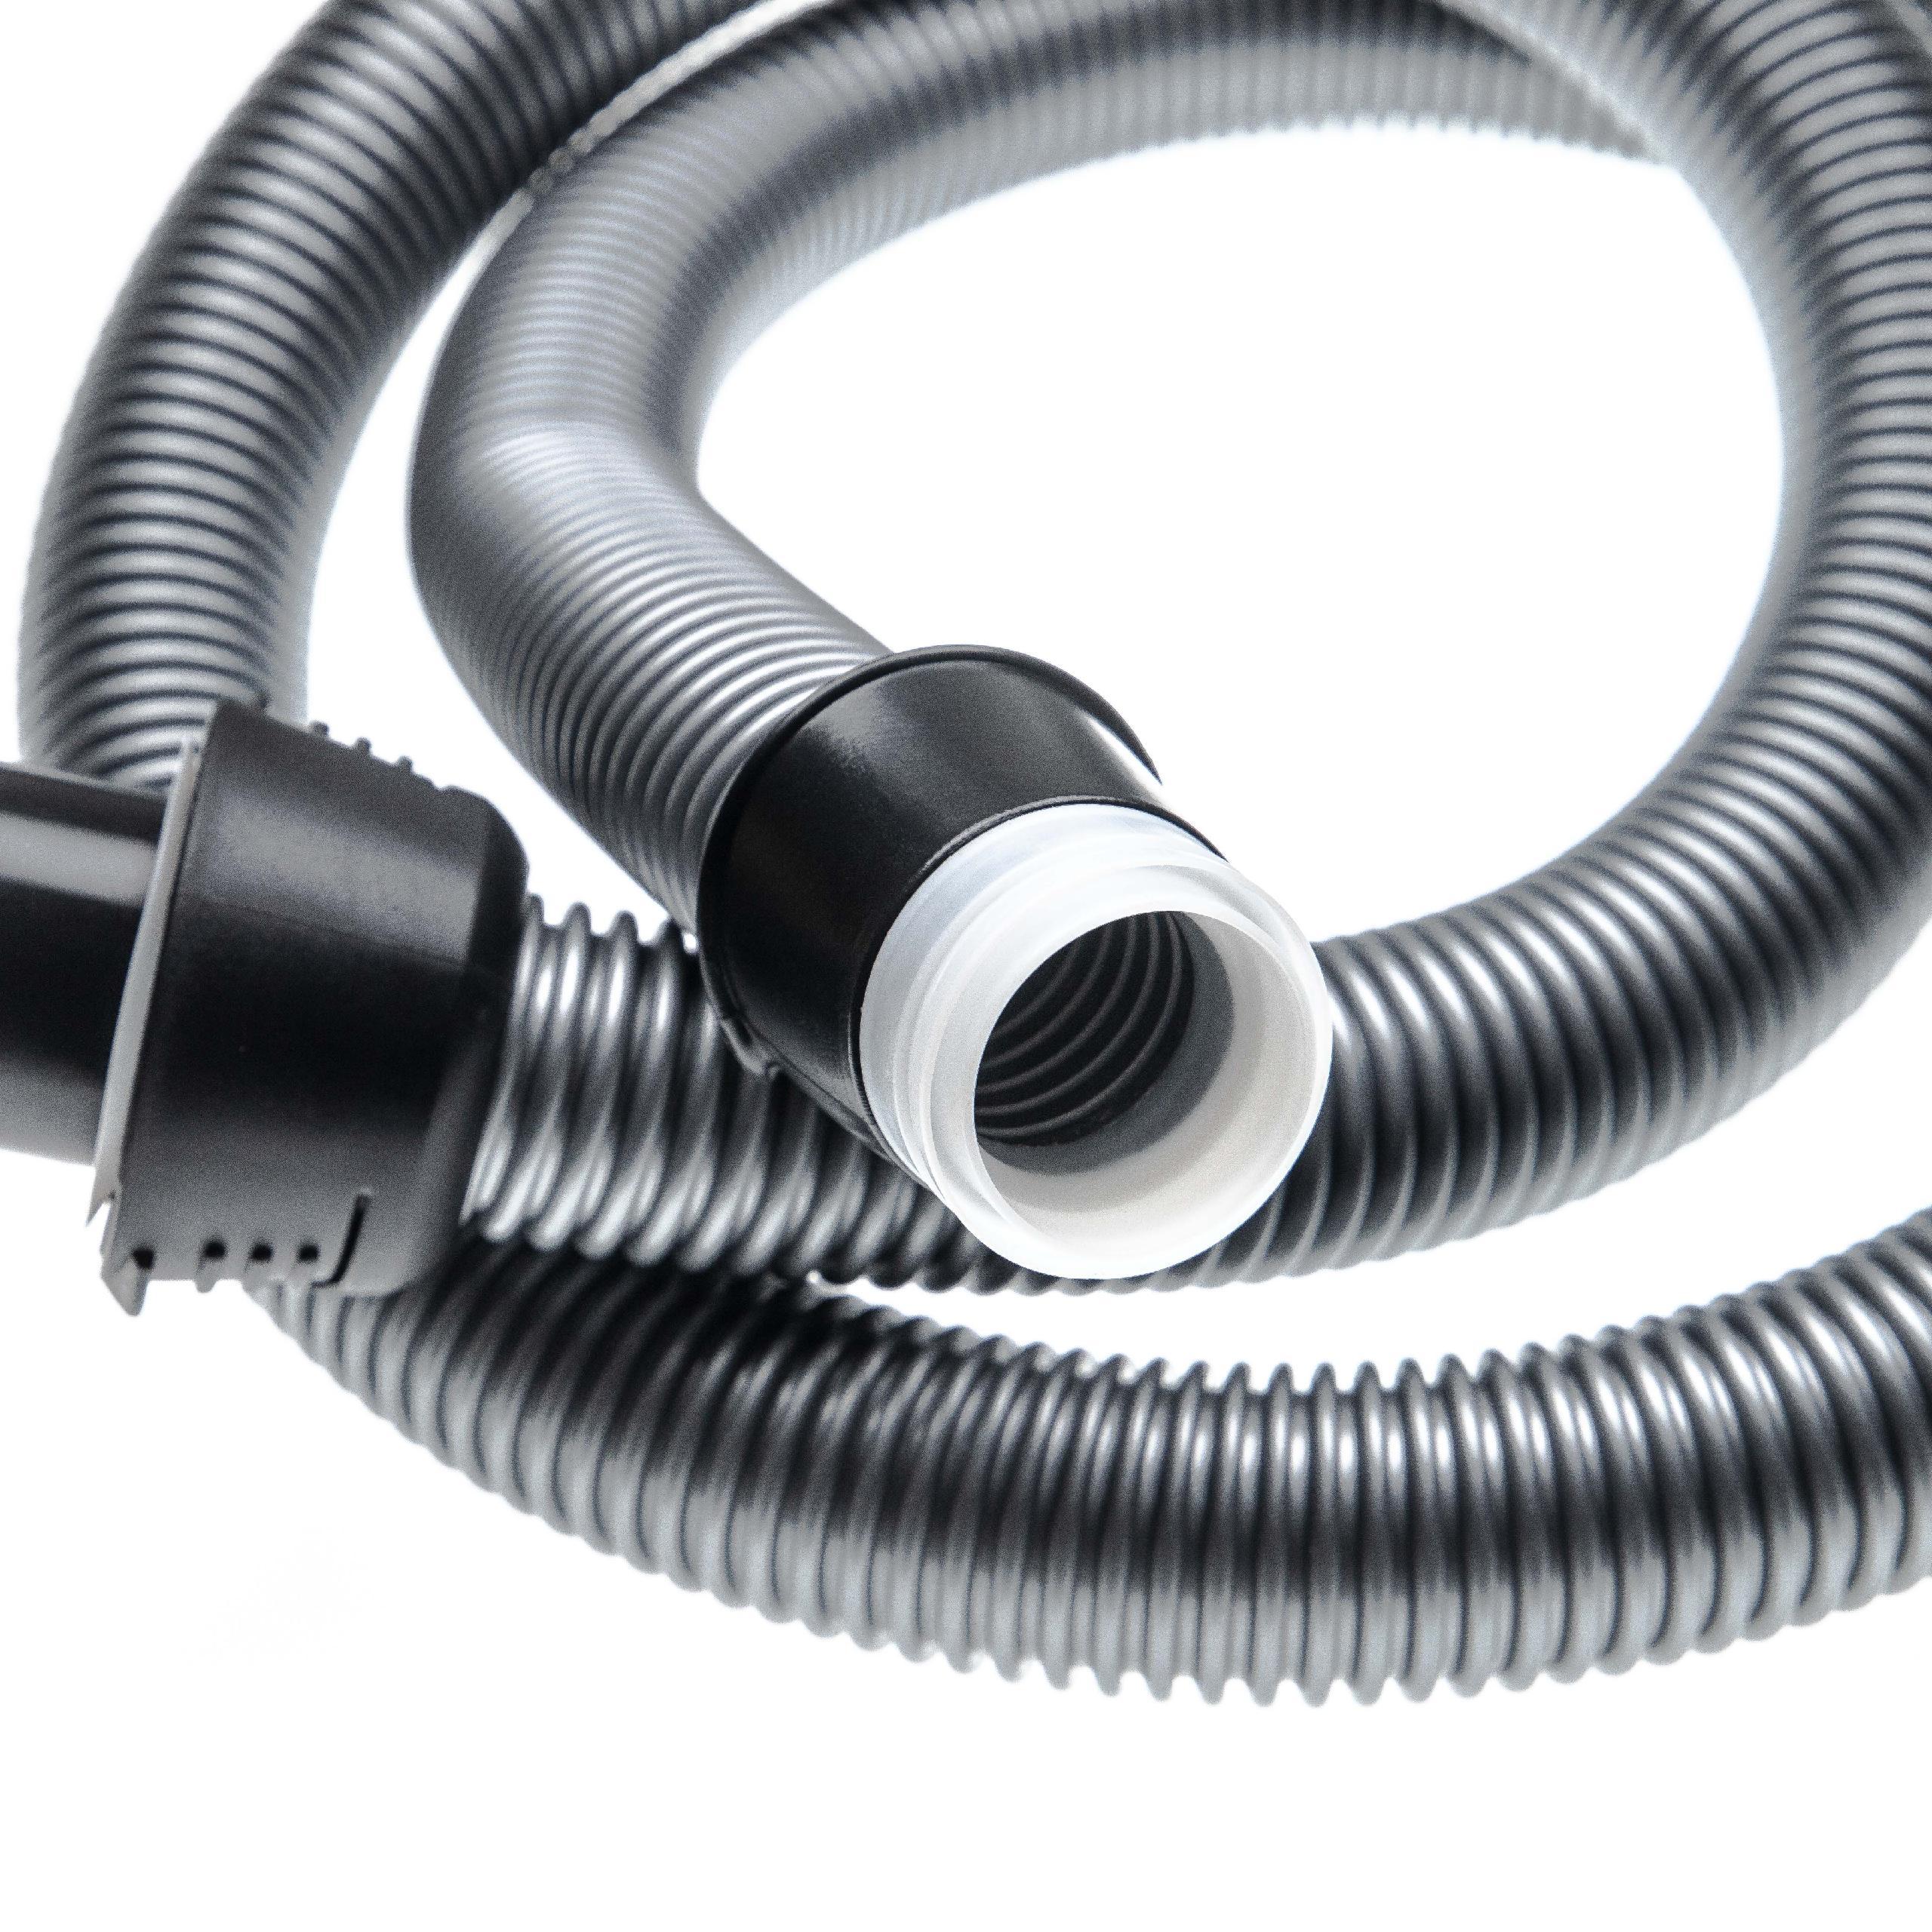 219808814-4 Electrolux 2198088144 Staubsaugerschlauch 182cm für AEG